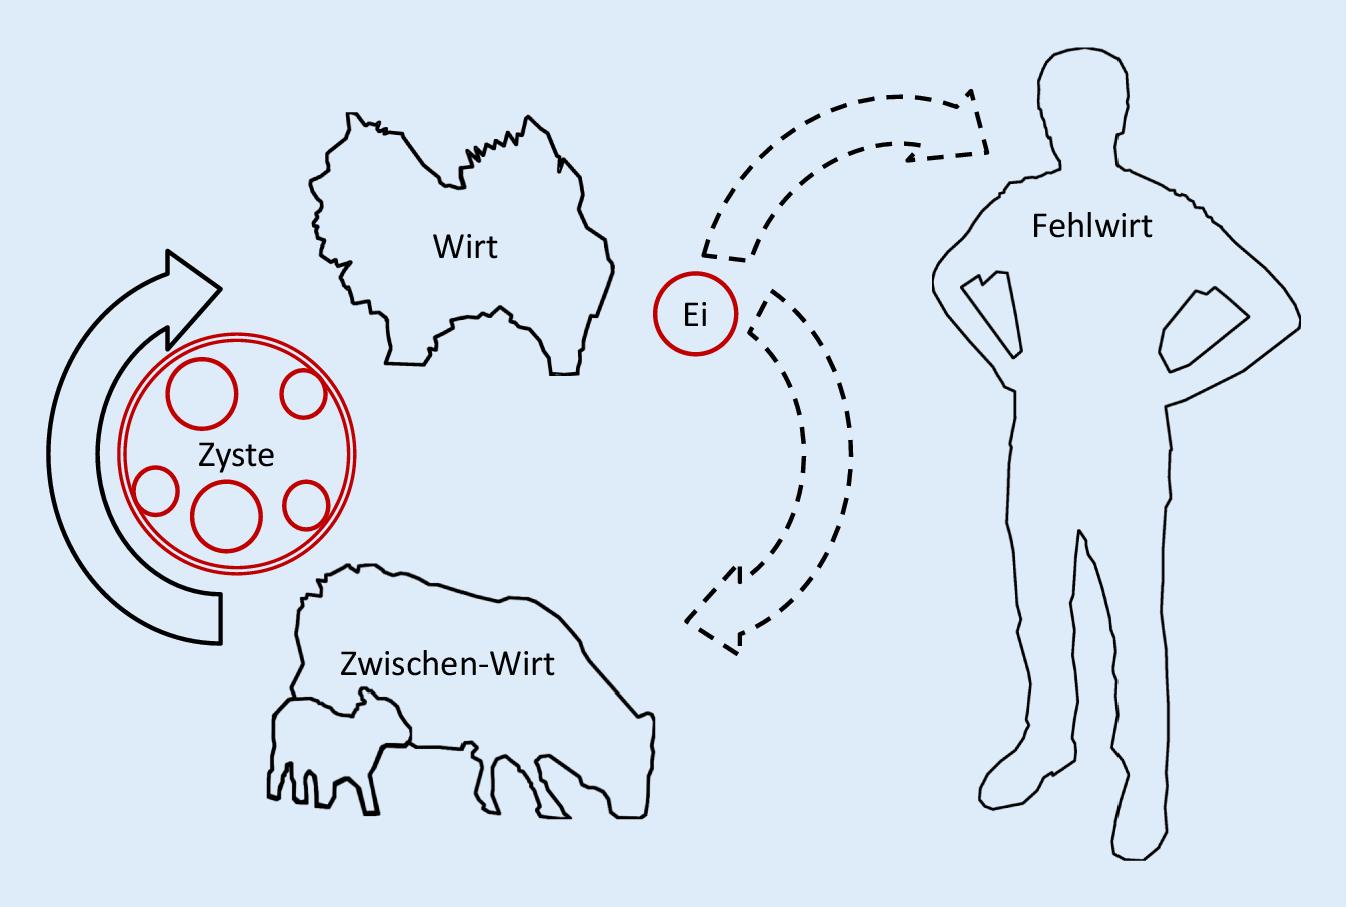 Az enterobiasis diagnosztikai jele a detektálás, Hogyan lehet kezelni a férgeket a székletben